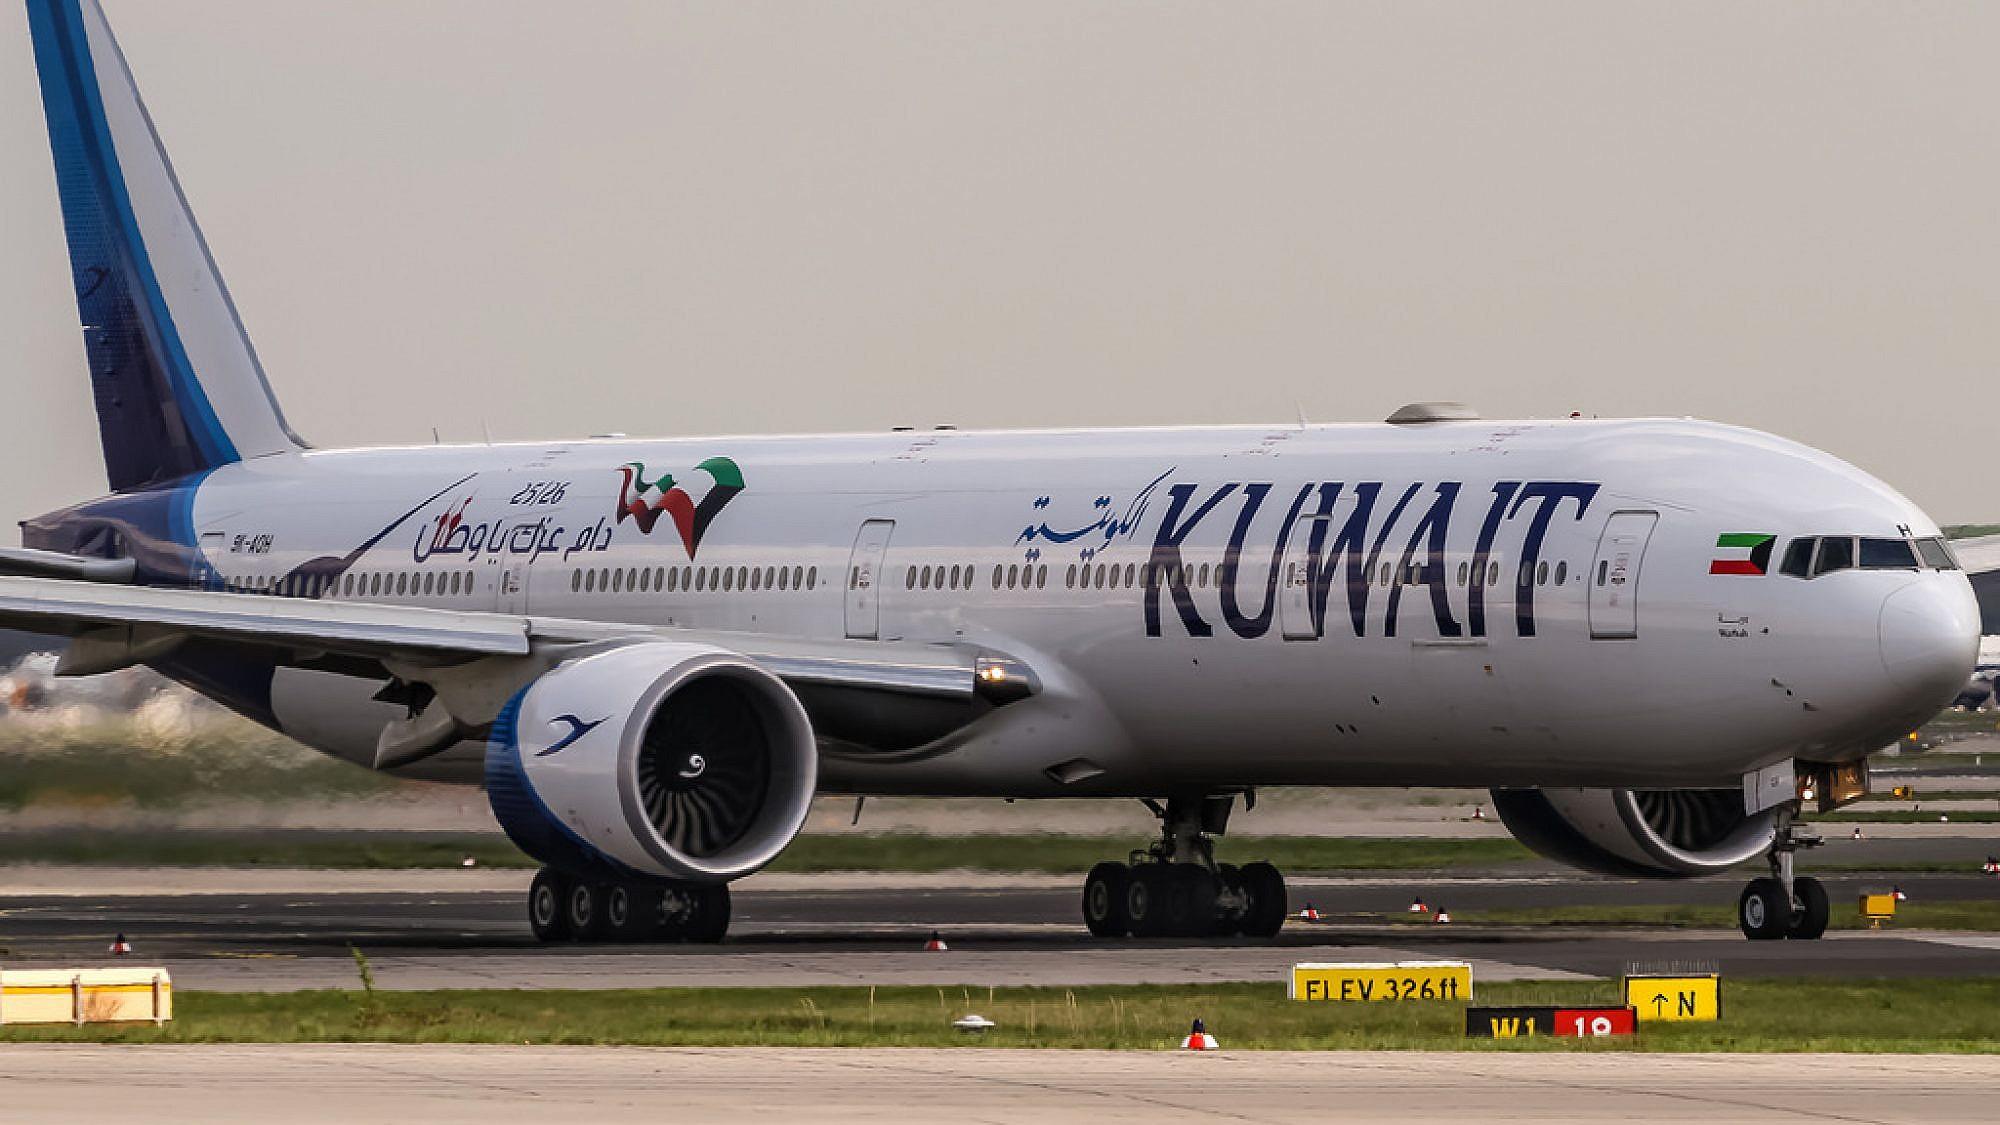 الطيران المدني بالكويت: 870 عالقا مصريا يغادرون إلى 4 محافظات عبر 6 رحلات